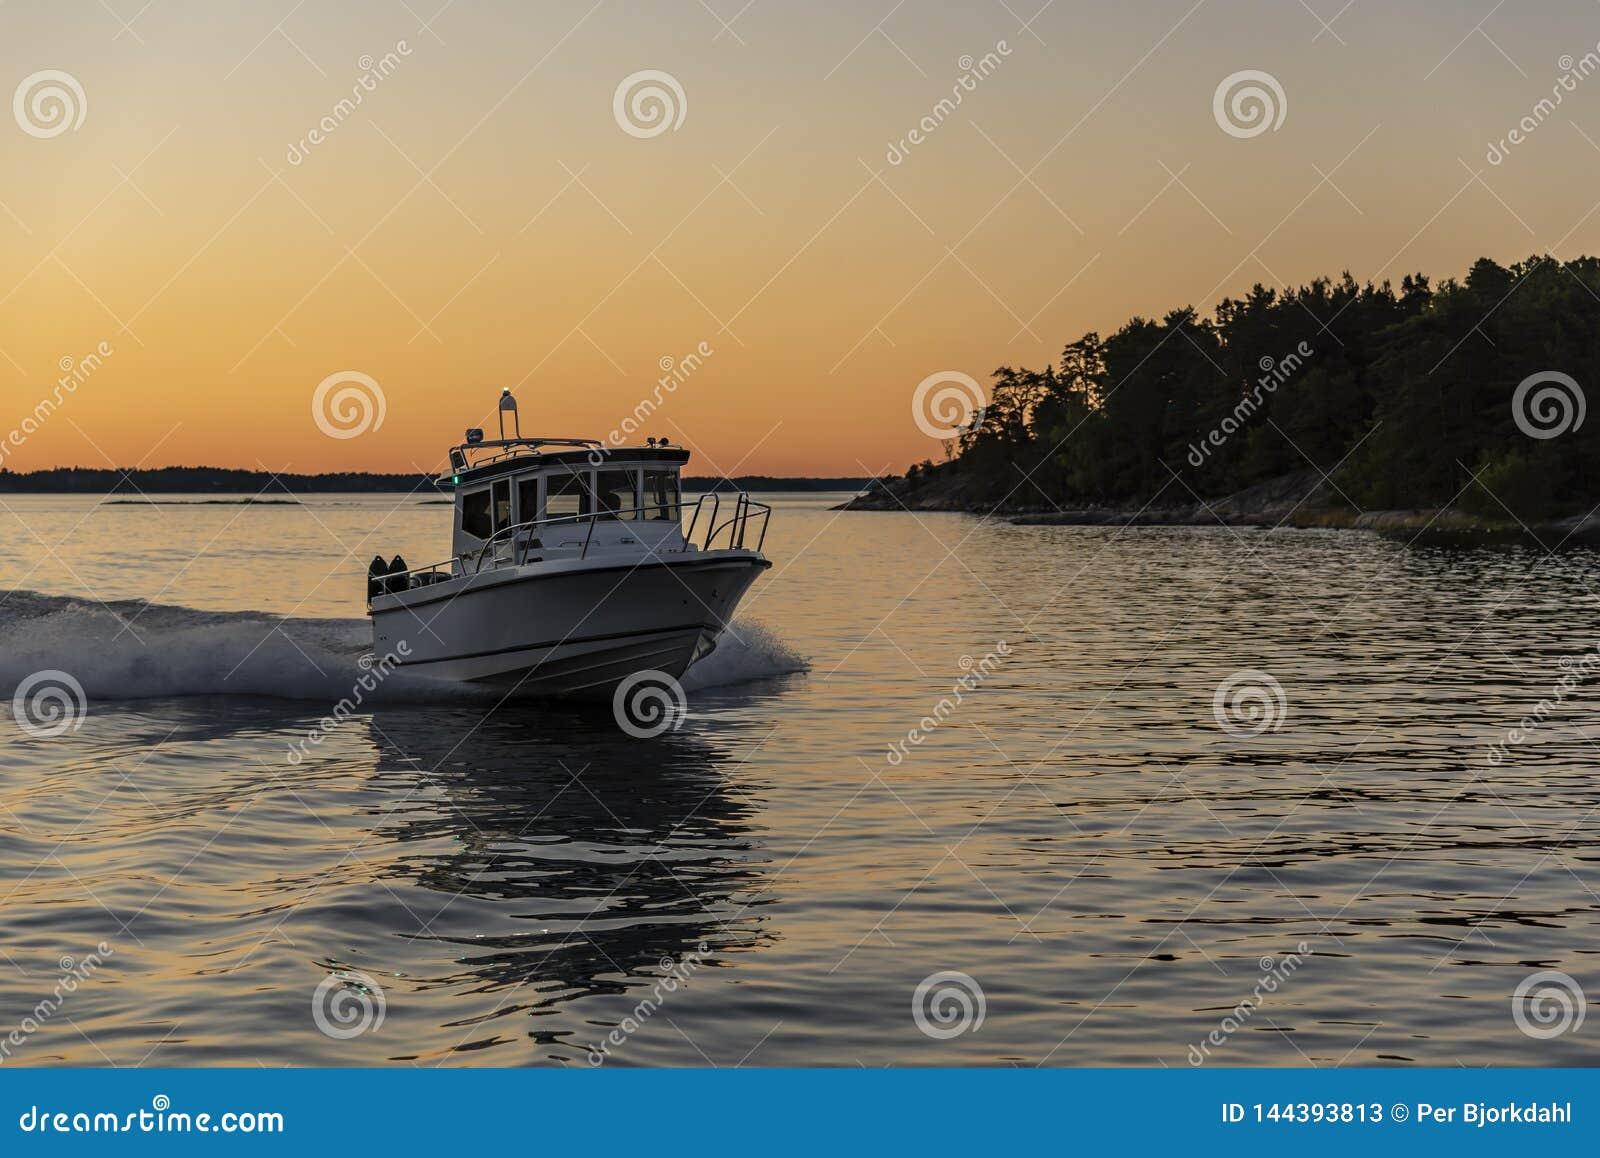 Fast cabin motorboat evening light Stockholm archipelago